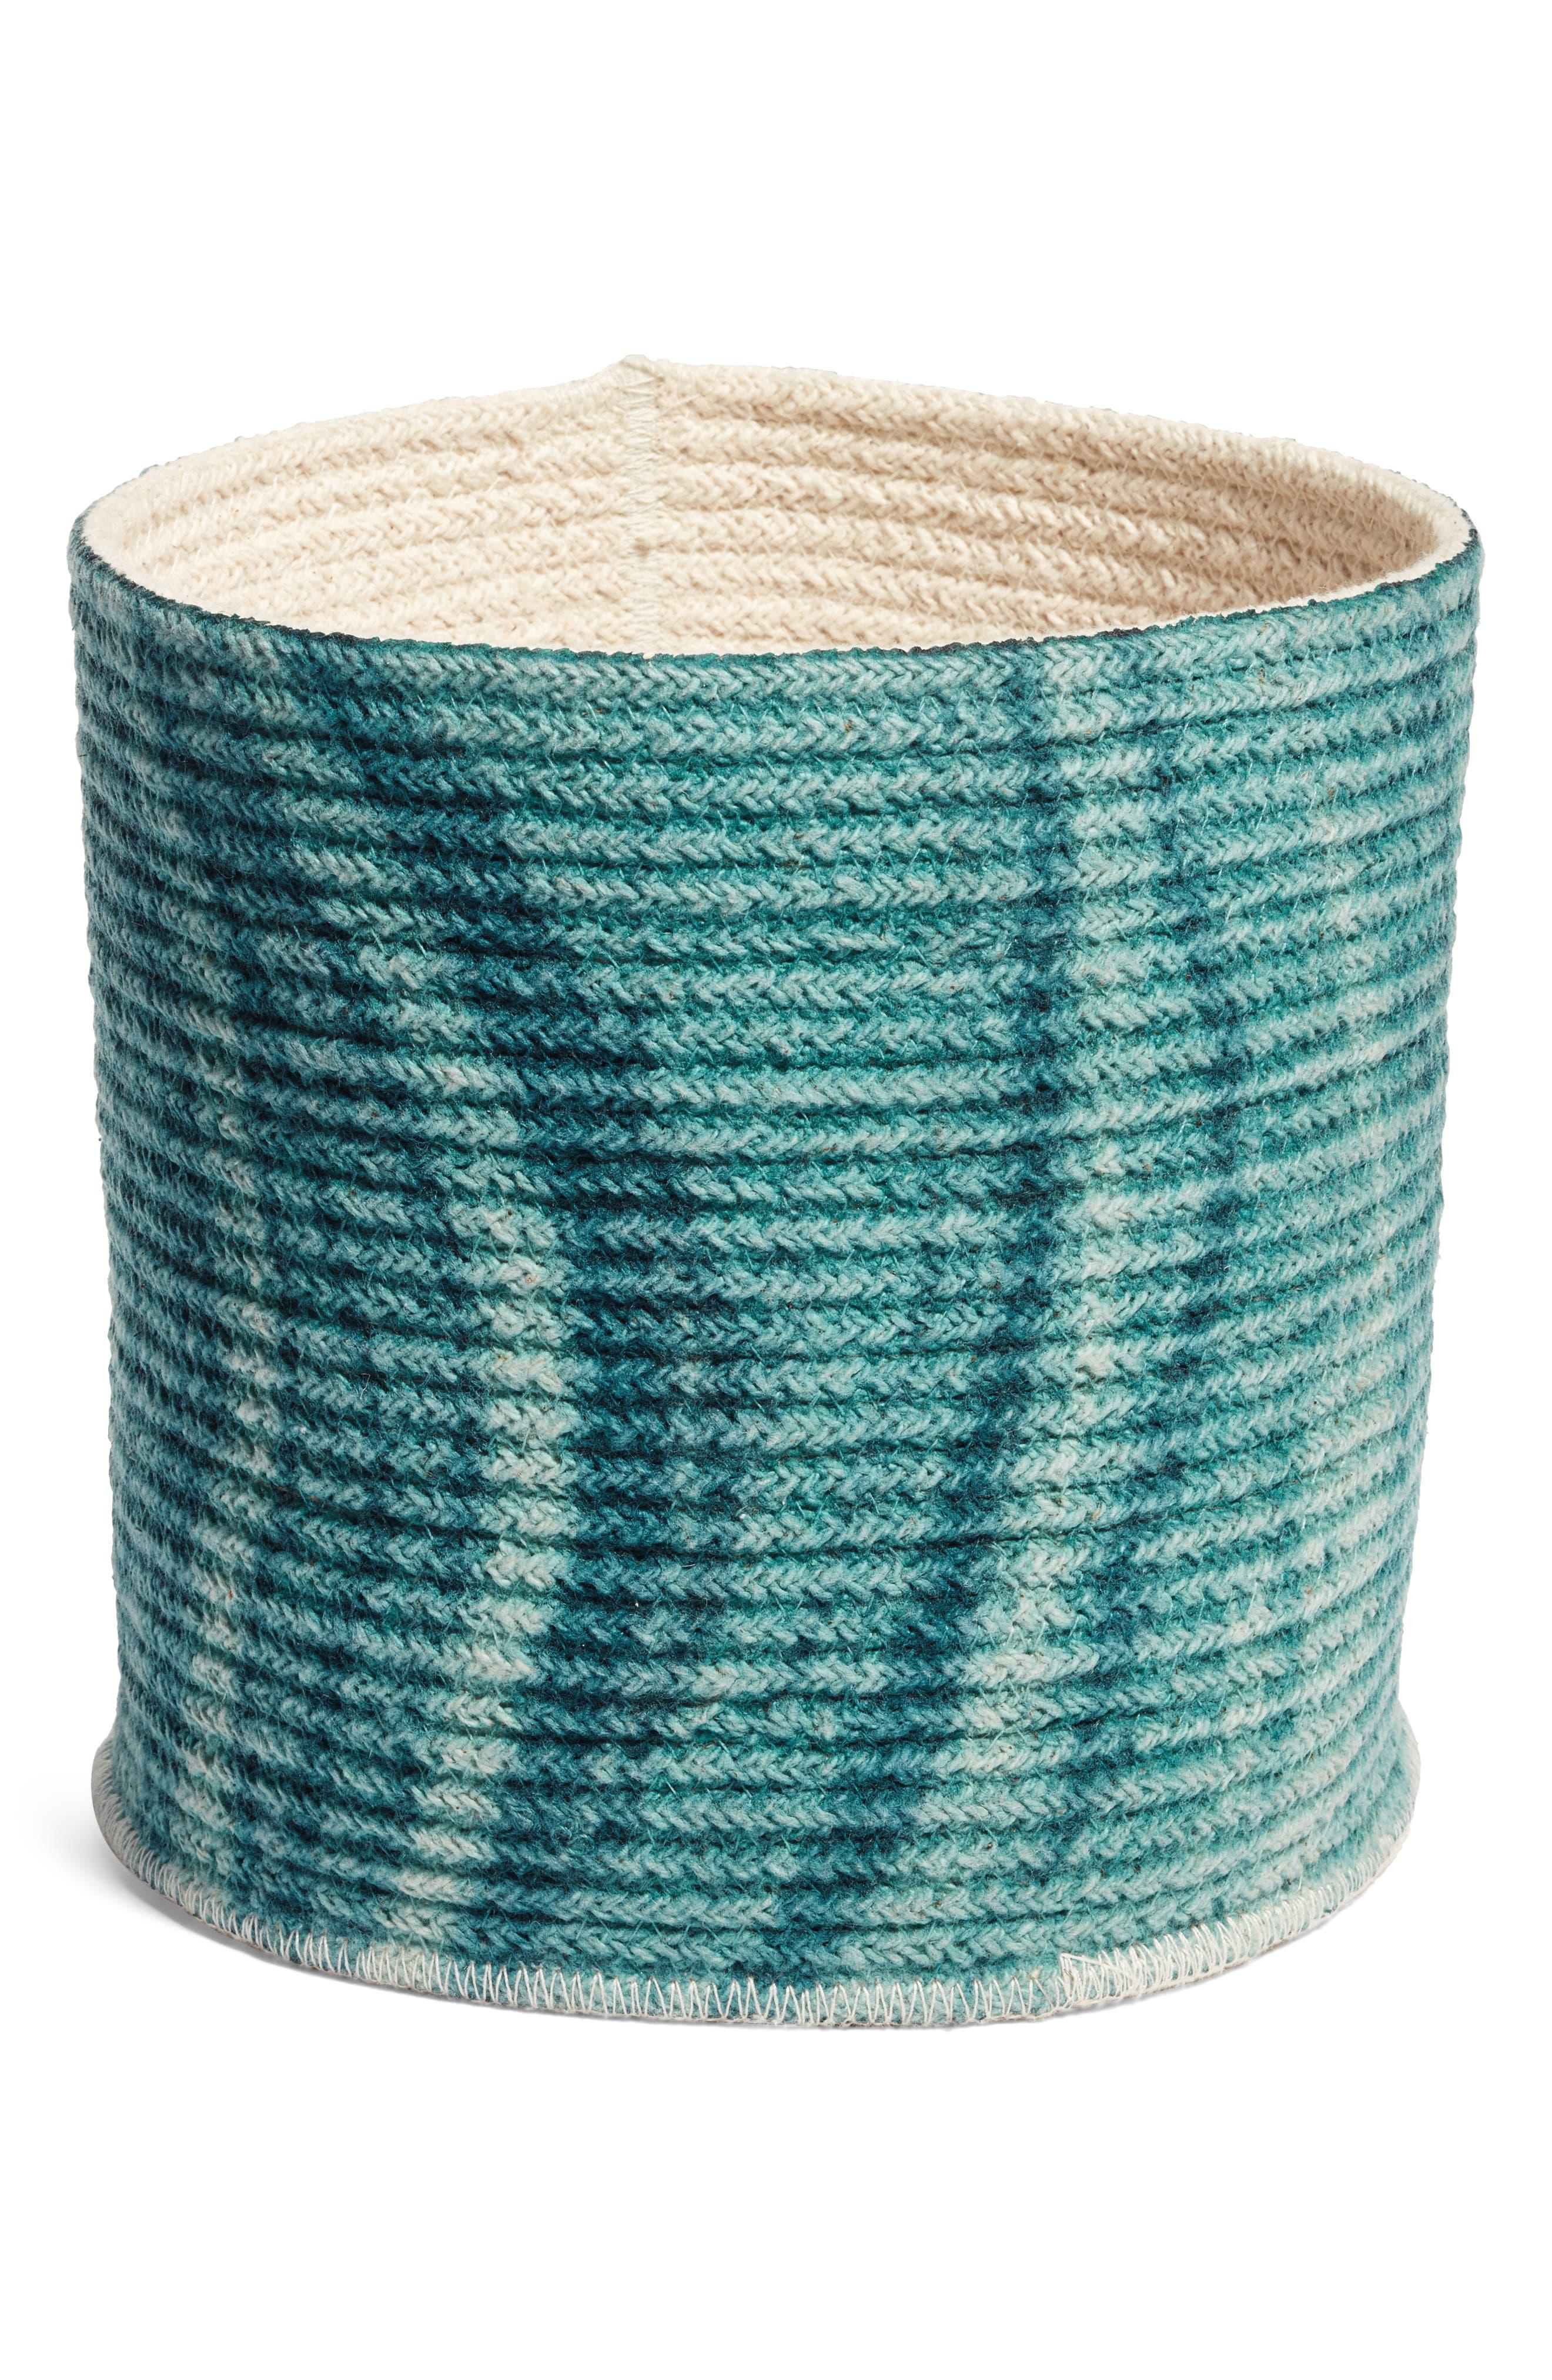 Oceana Woven Basket,                             Main thumbnail 2, color,